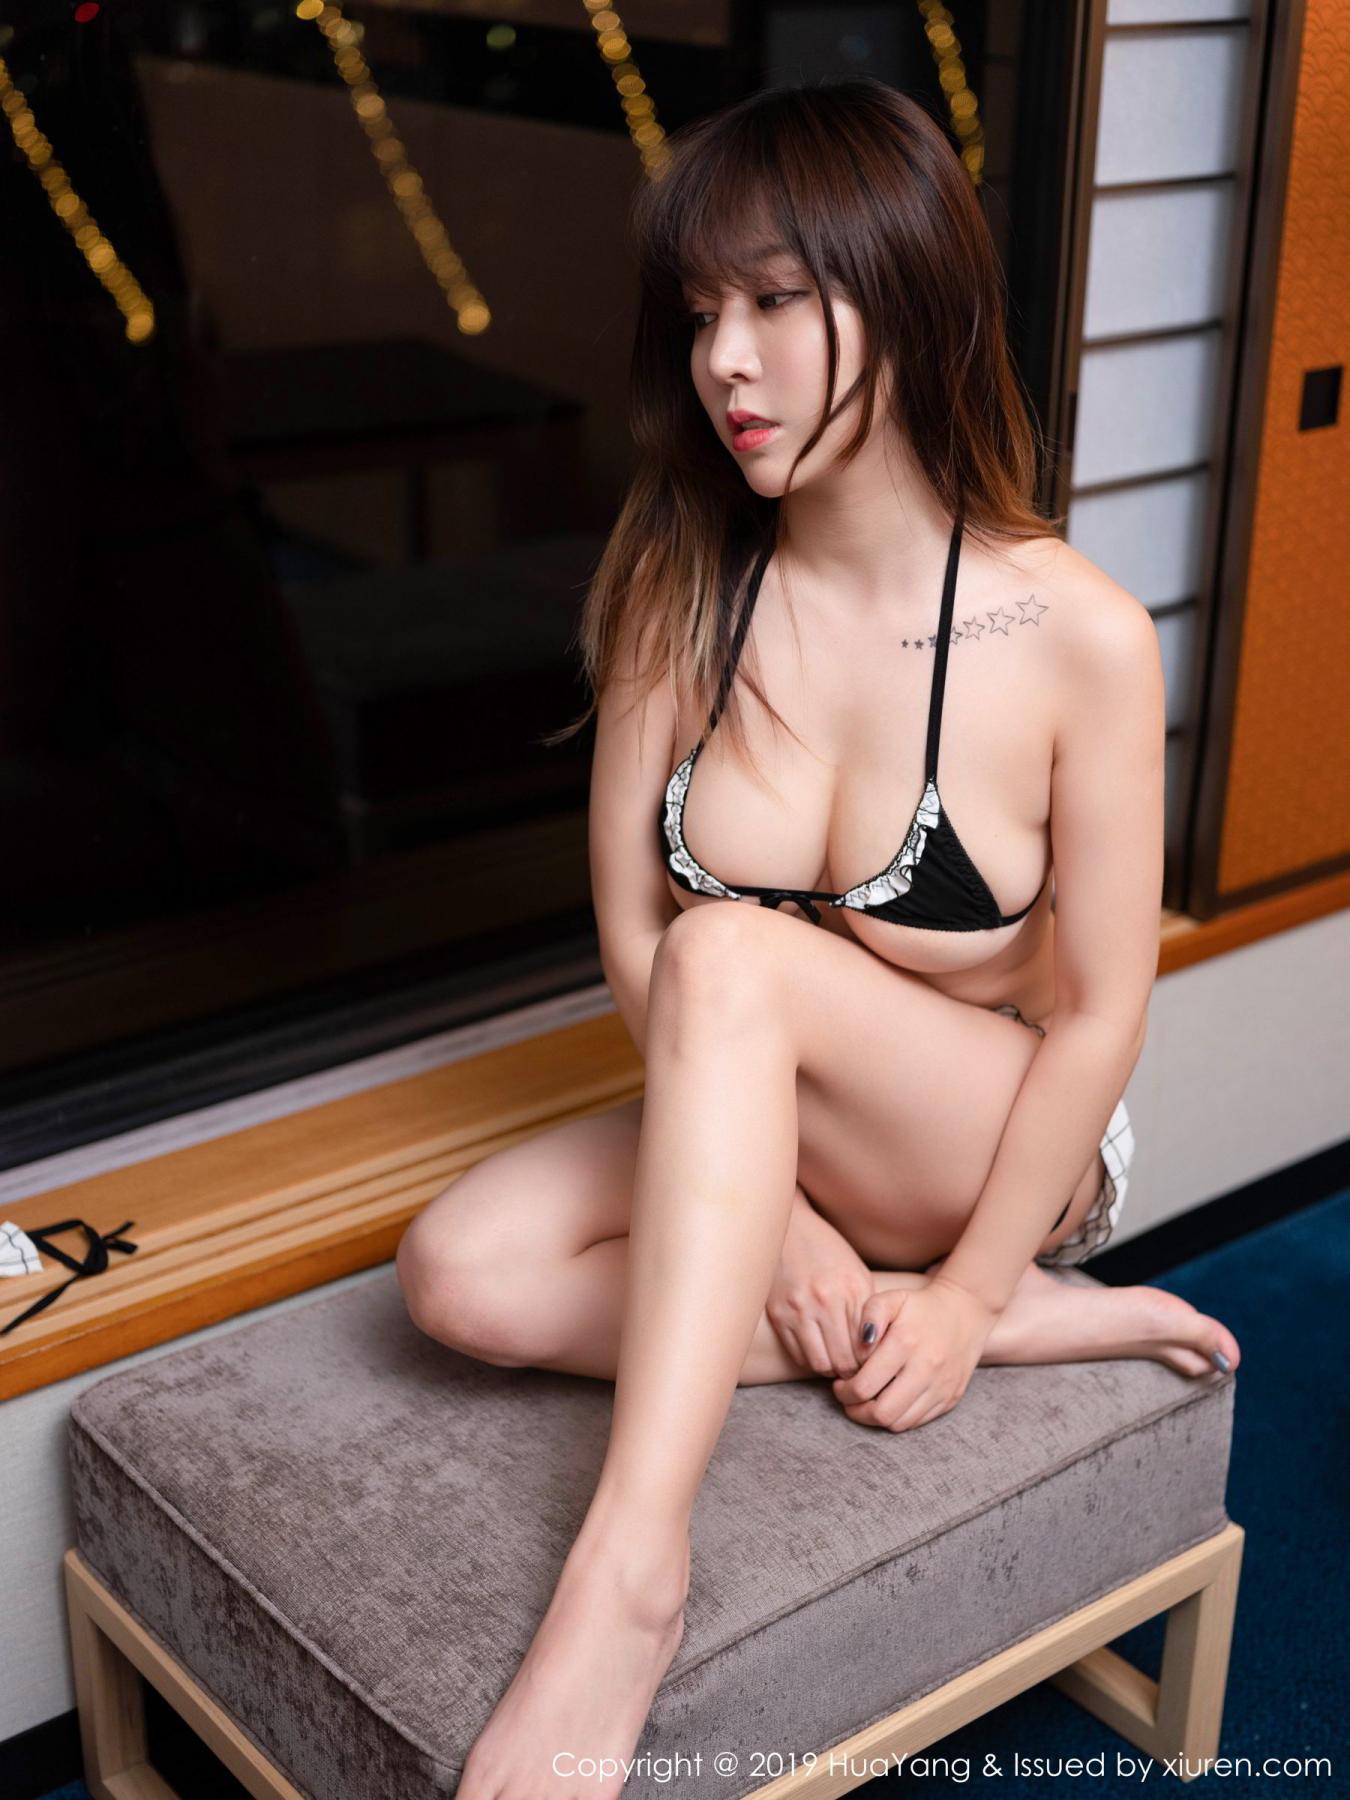 [Huayang] Vol.146 Wang Yu Chun 21P, HuaYang, Sexy, Underwear, Wang Yu Chun